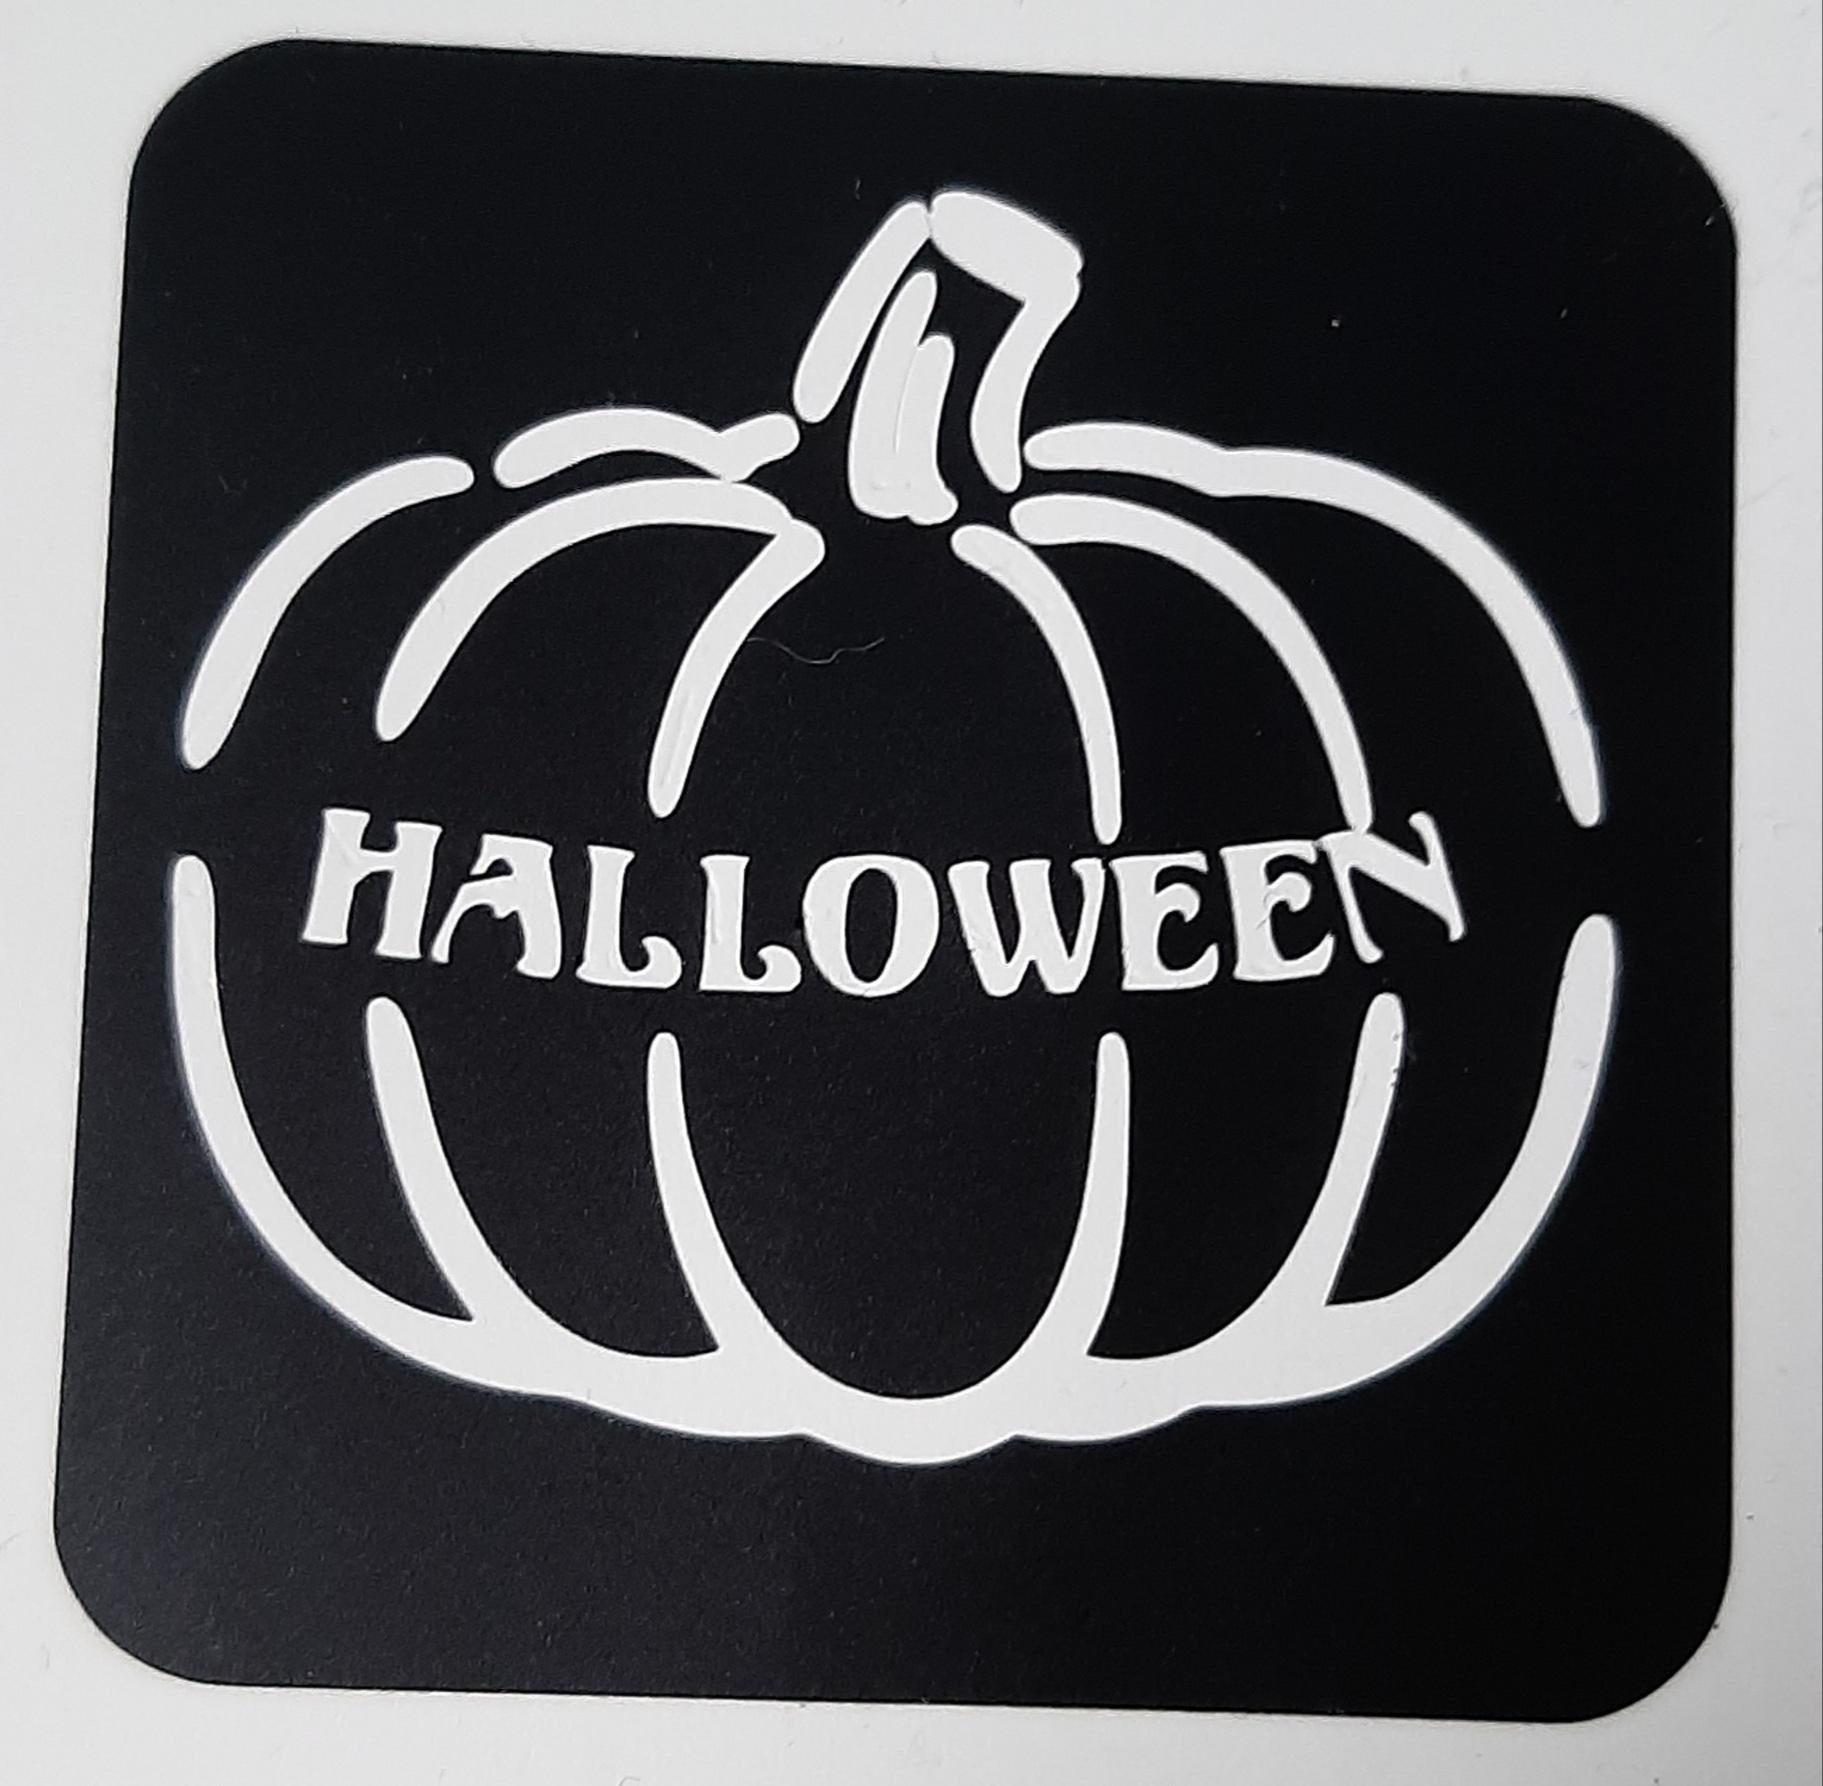 pompoen met halloween